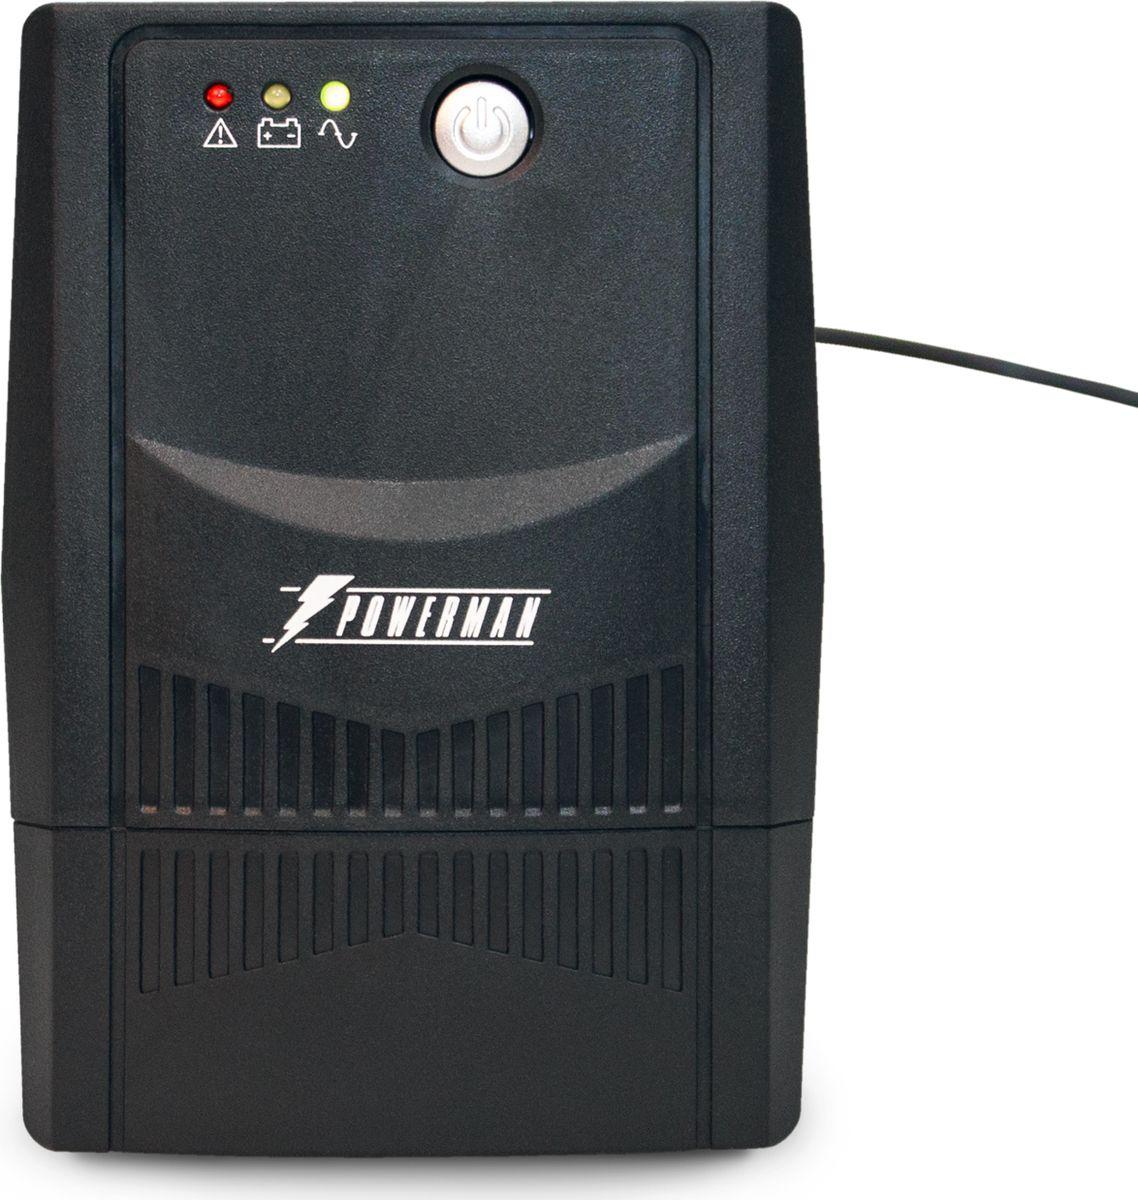 Источник бесперебойного питания Powerman  UPS Вack Pro 800I Plus (IEC320) , 800 ВА - Источники бесперебойного питания (UPS)